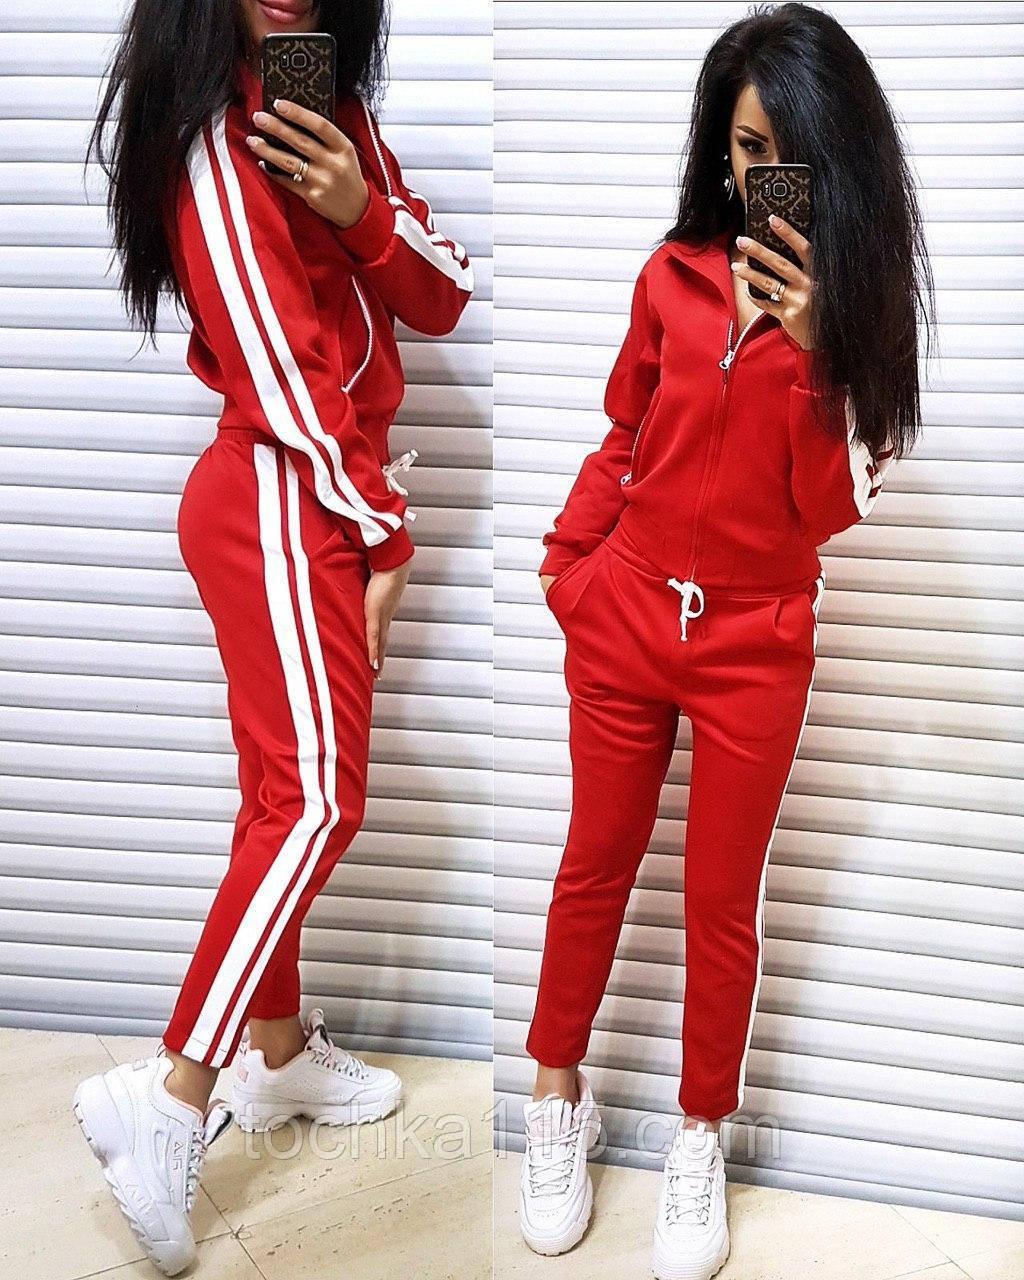 Удобный, стильный спортивный костюм, двухнить, S/M/L, цвет красный